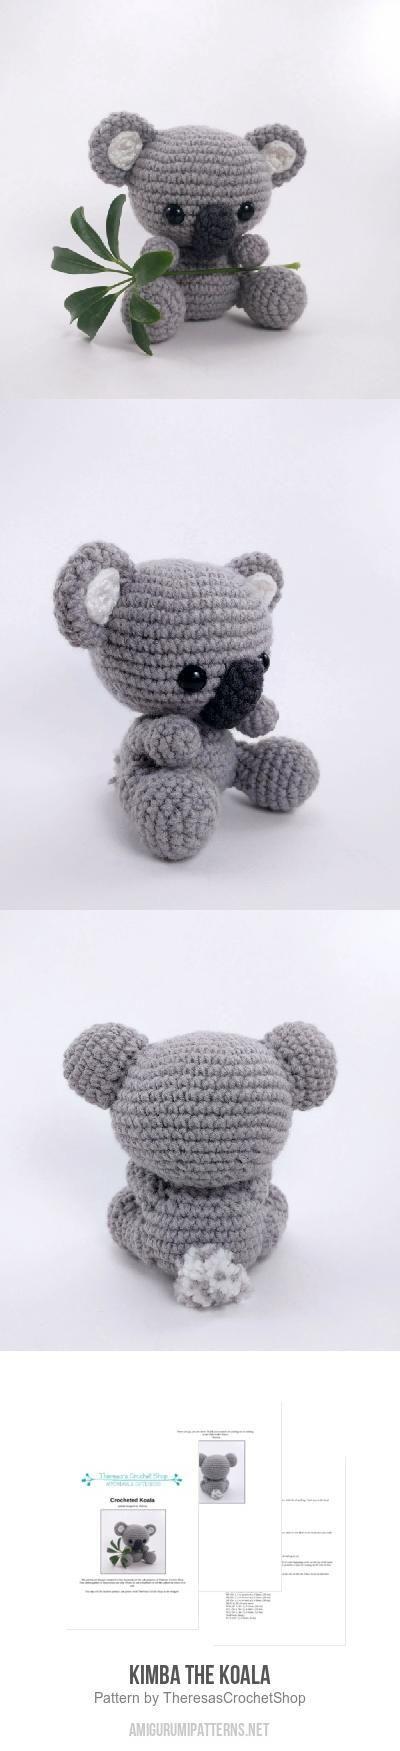 Süsser Koalabär Amigurumi häkeln